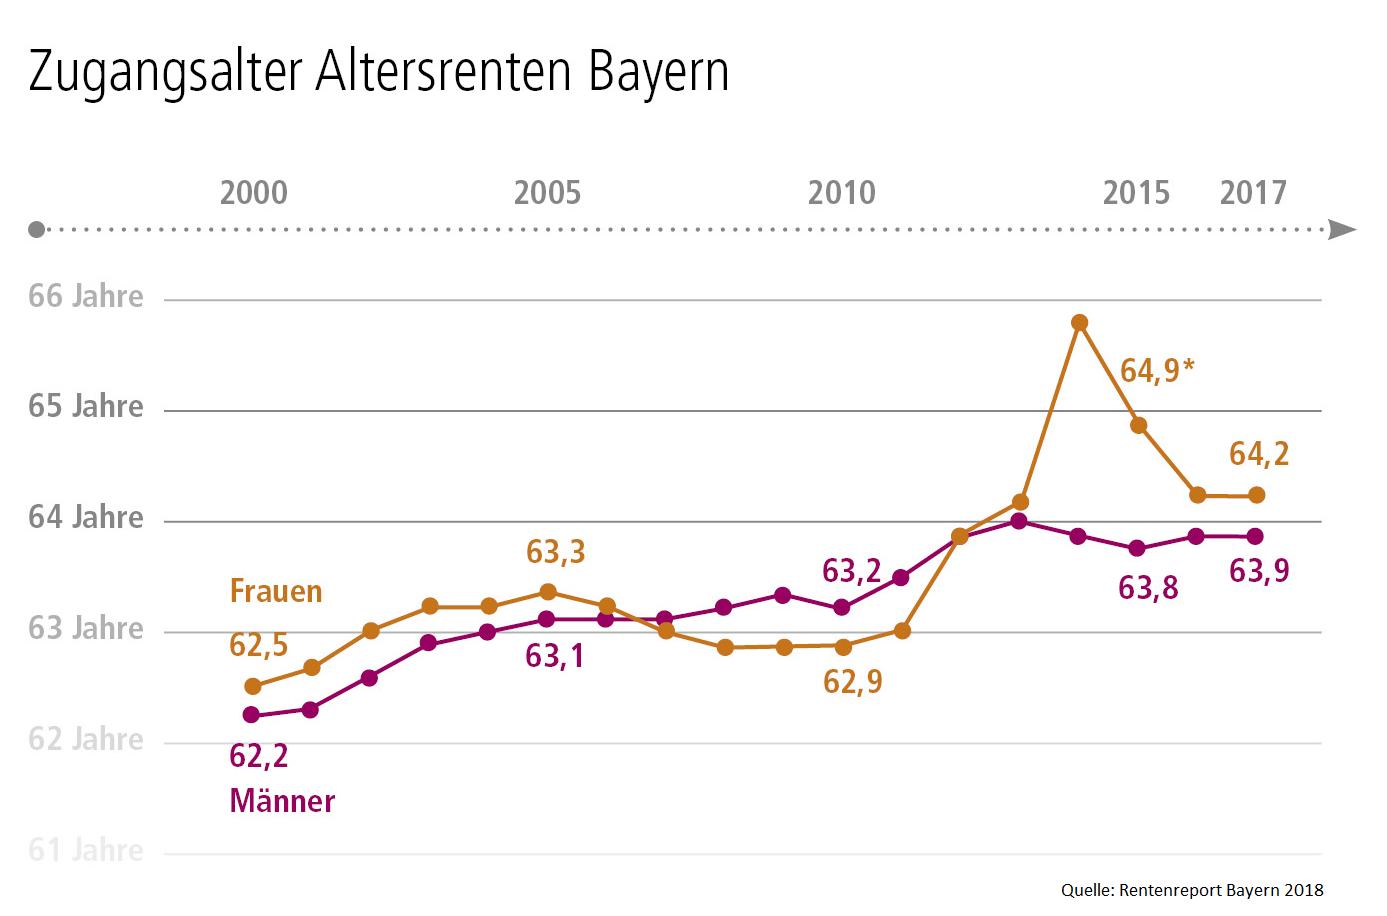 Zugangsalter Altersrenten Bayern